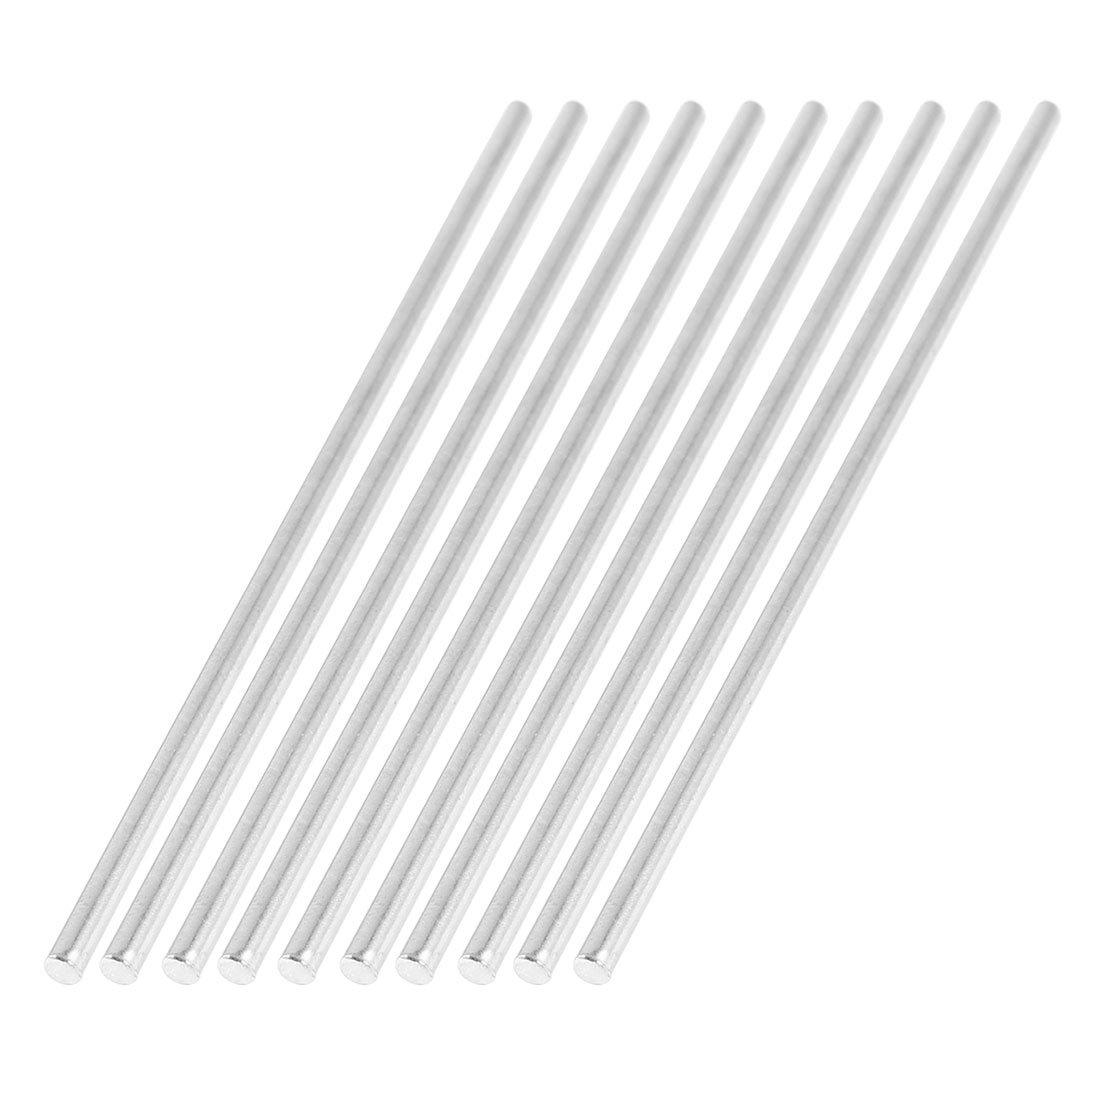 Sourcingmap Lot de 10/tiges en acier inoxydable pour miniature de voiture 2/x/100/mm projet de bricolage